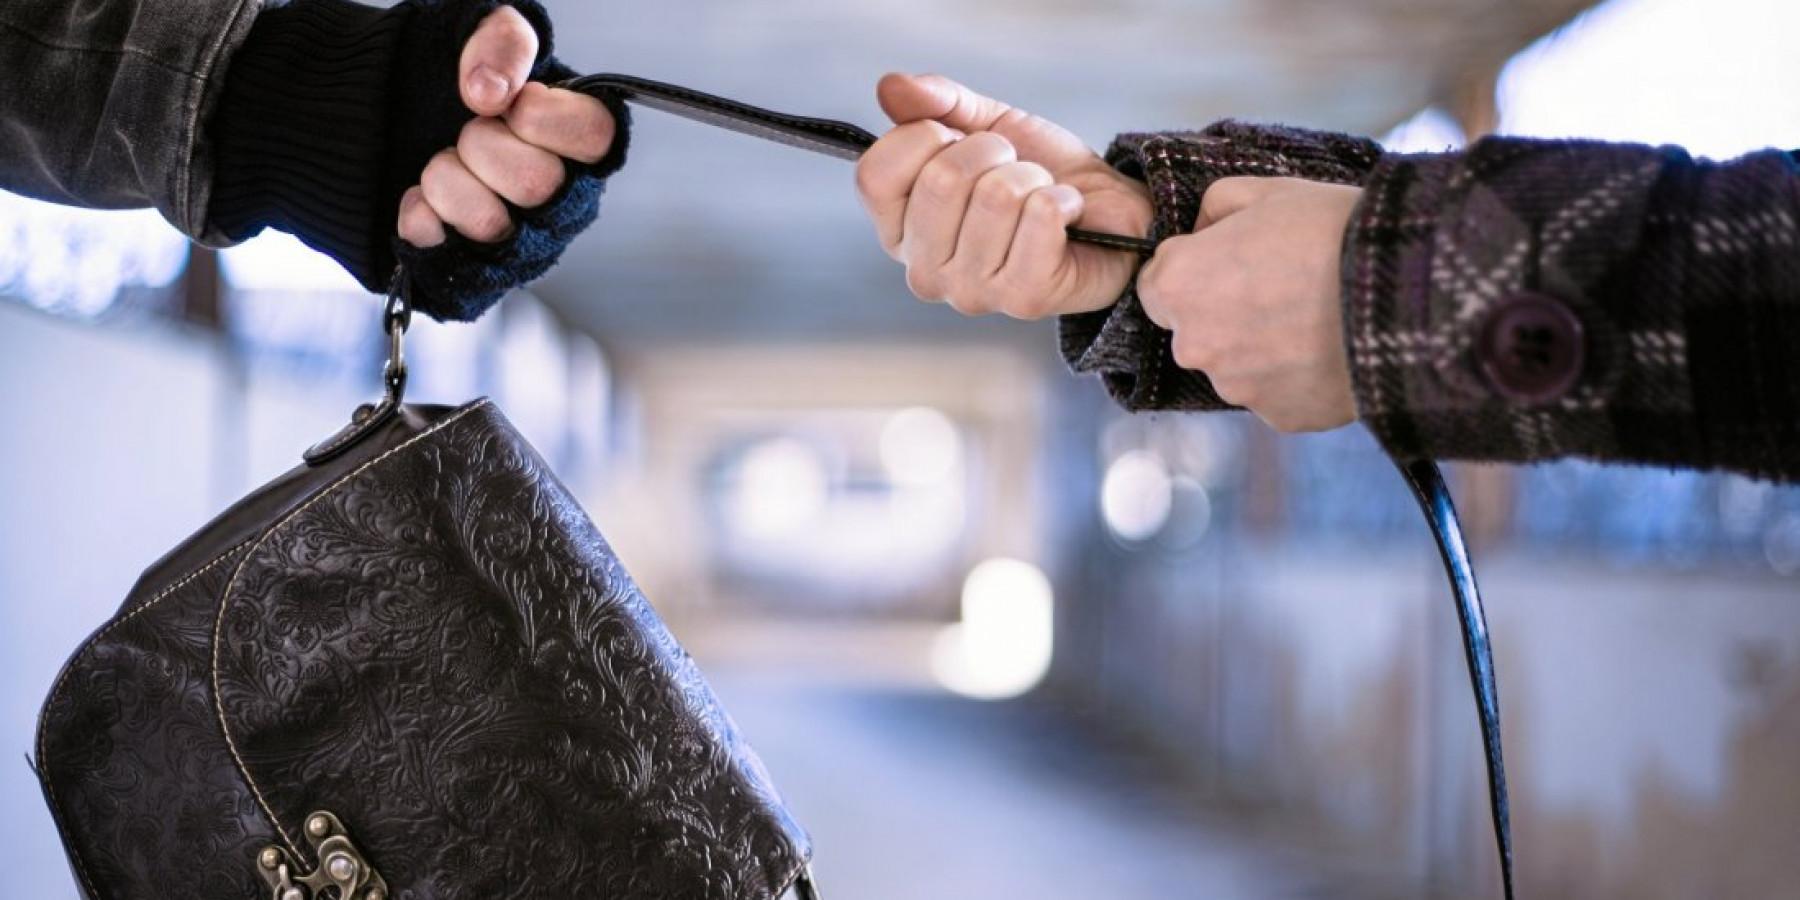 Aufmerksame Zeugen stellen Straßenräuber in der Innenstadt